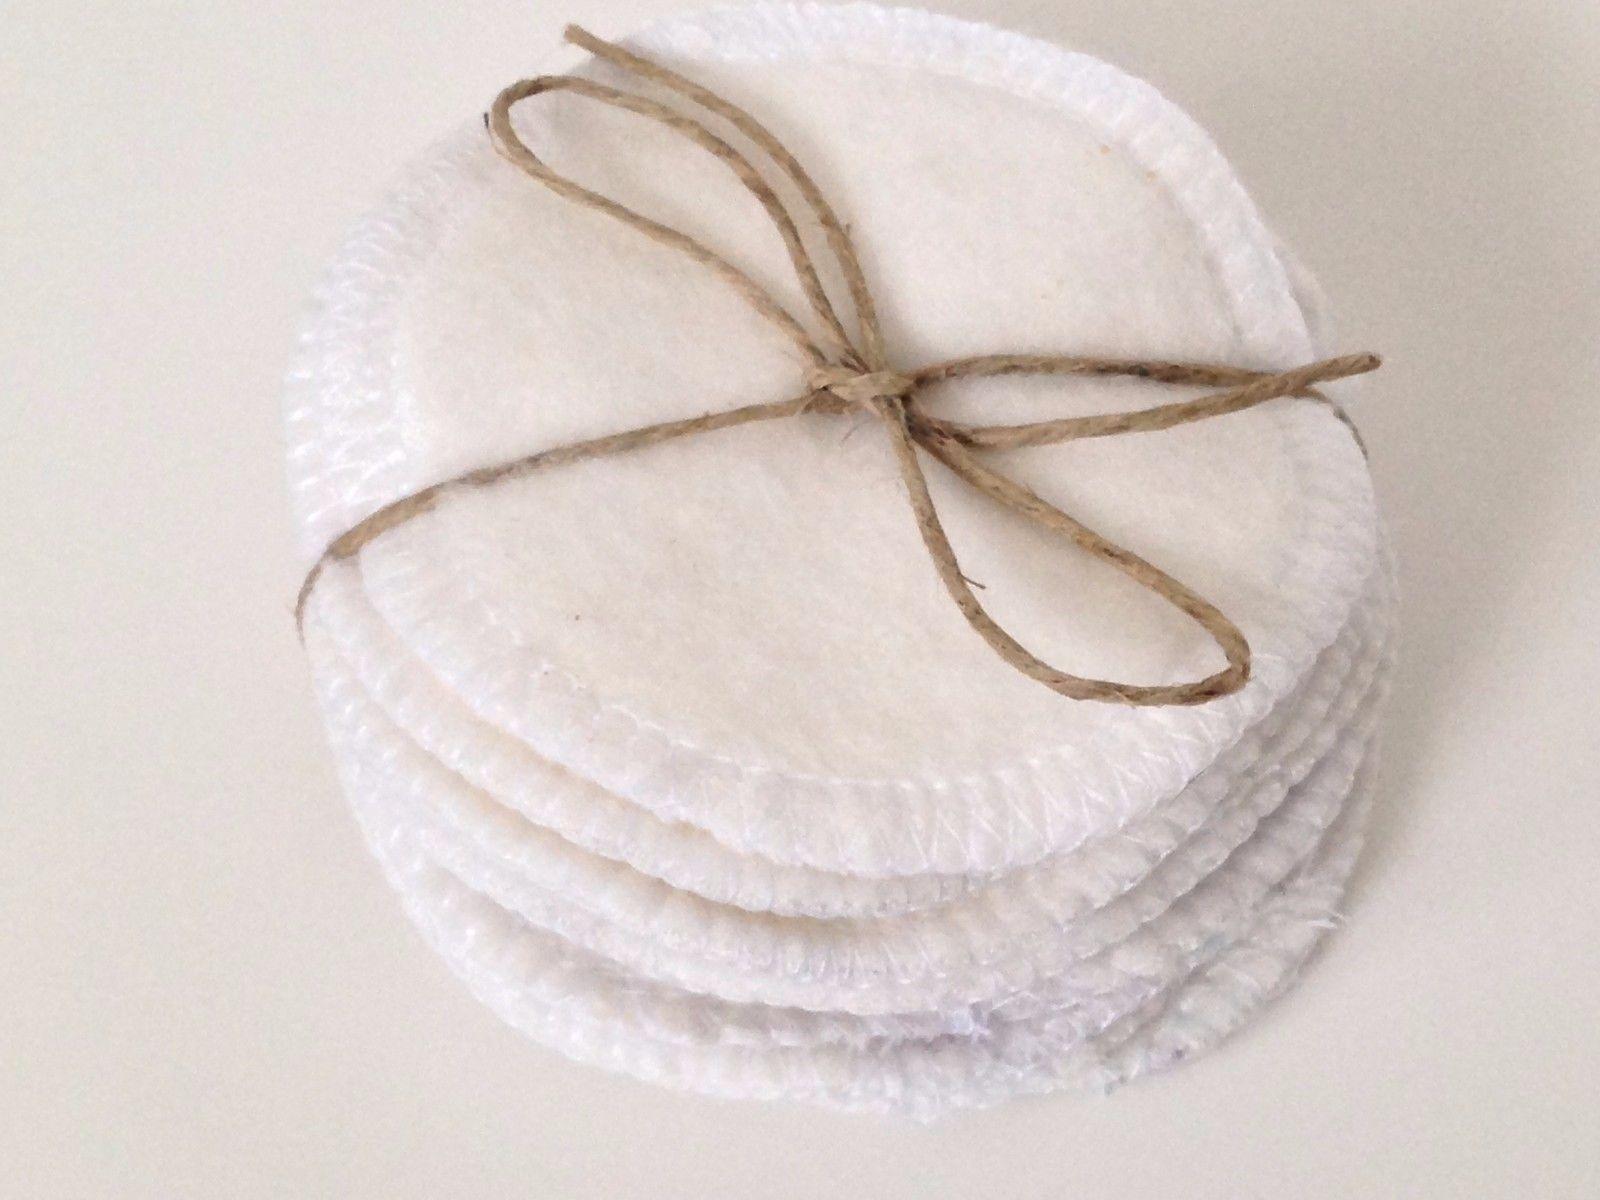 Reusable Organic Cotton Rounds Toner Pads Facial Rounds